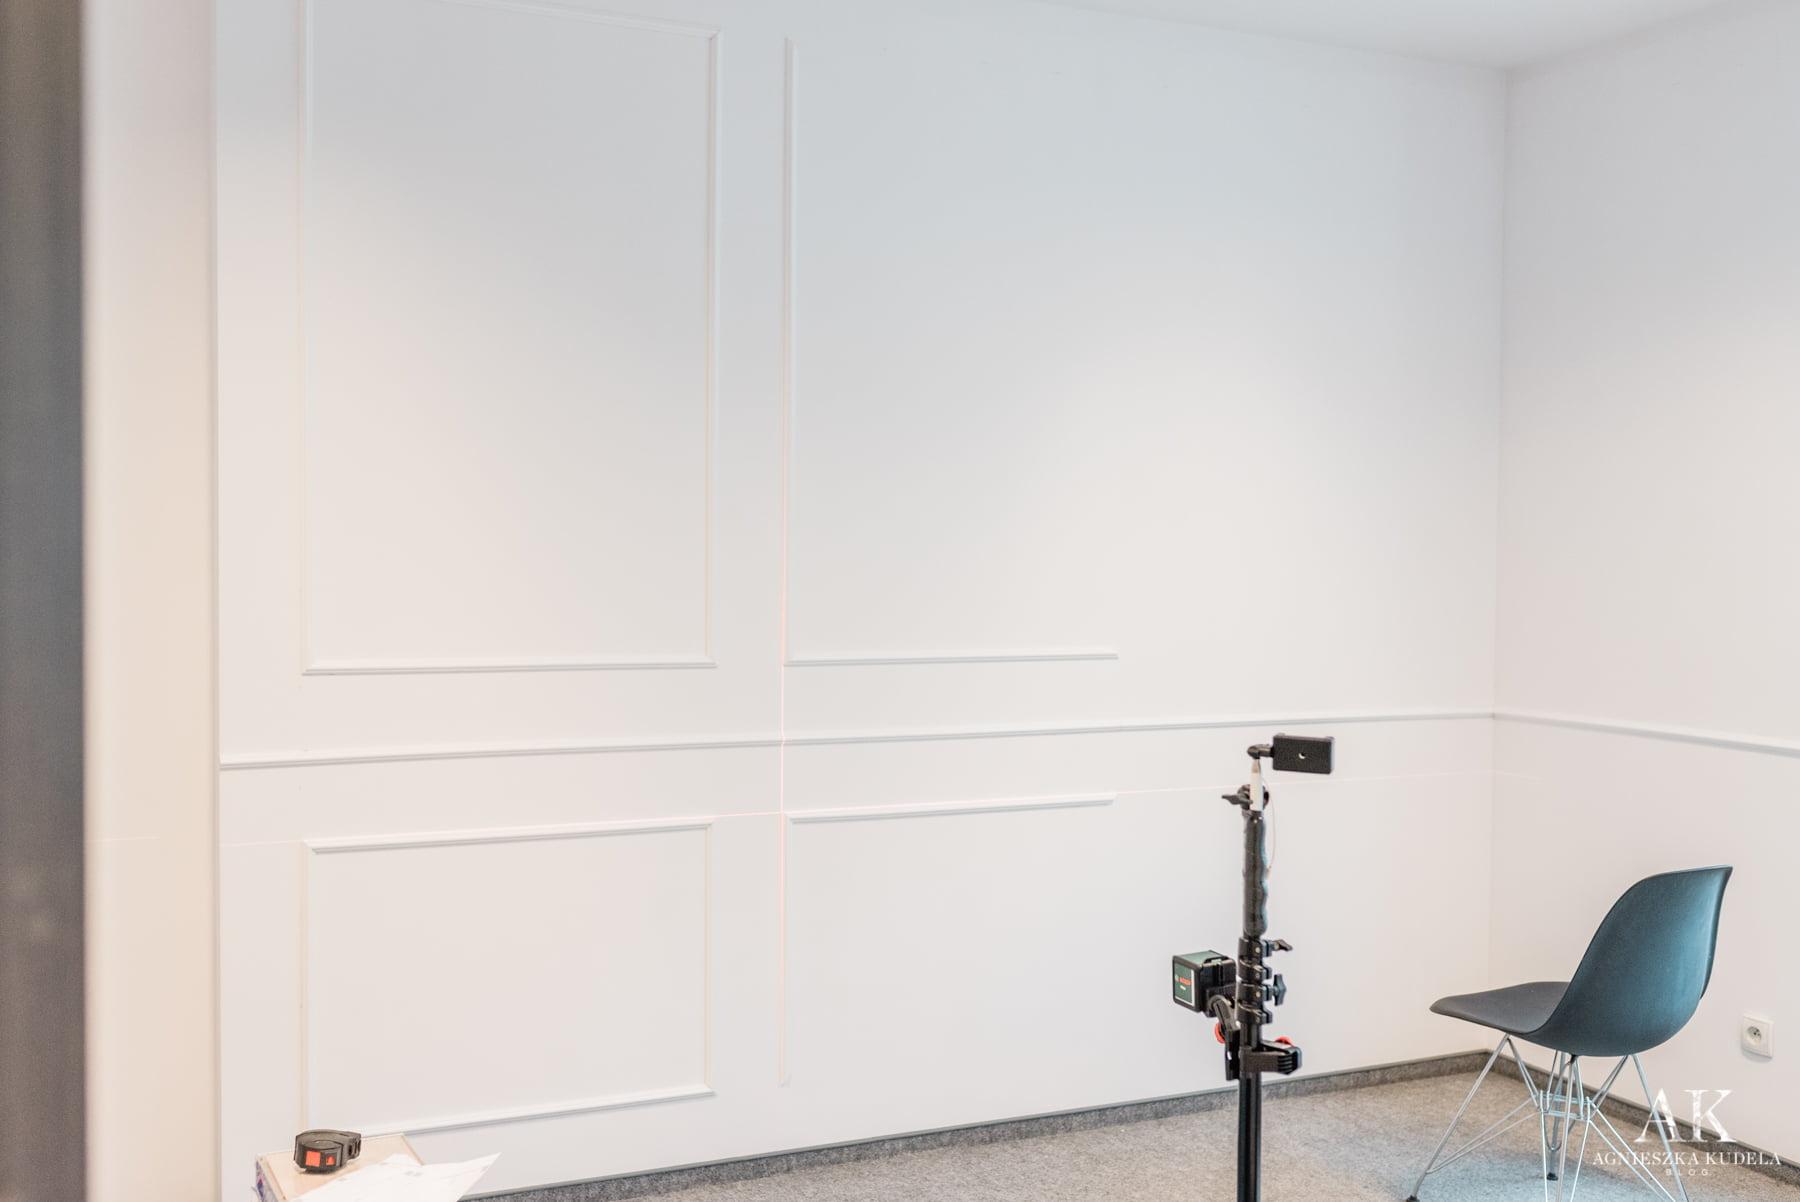 sztukateria na ściany